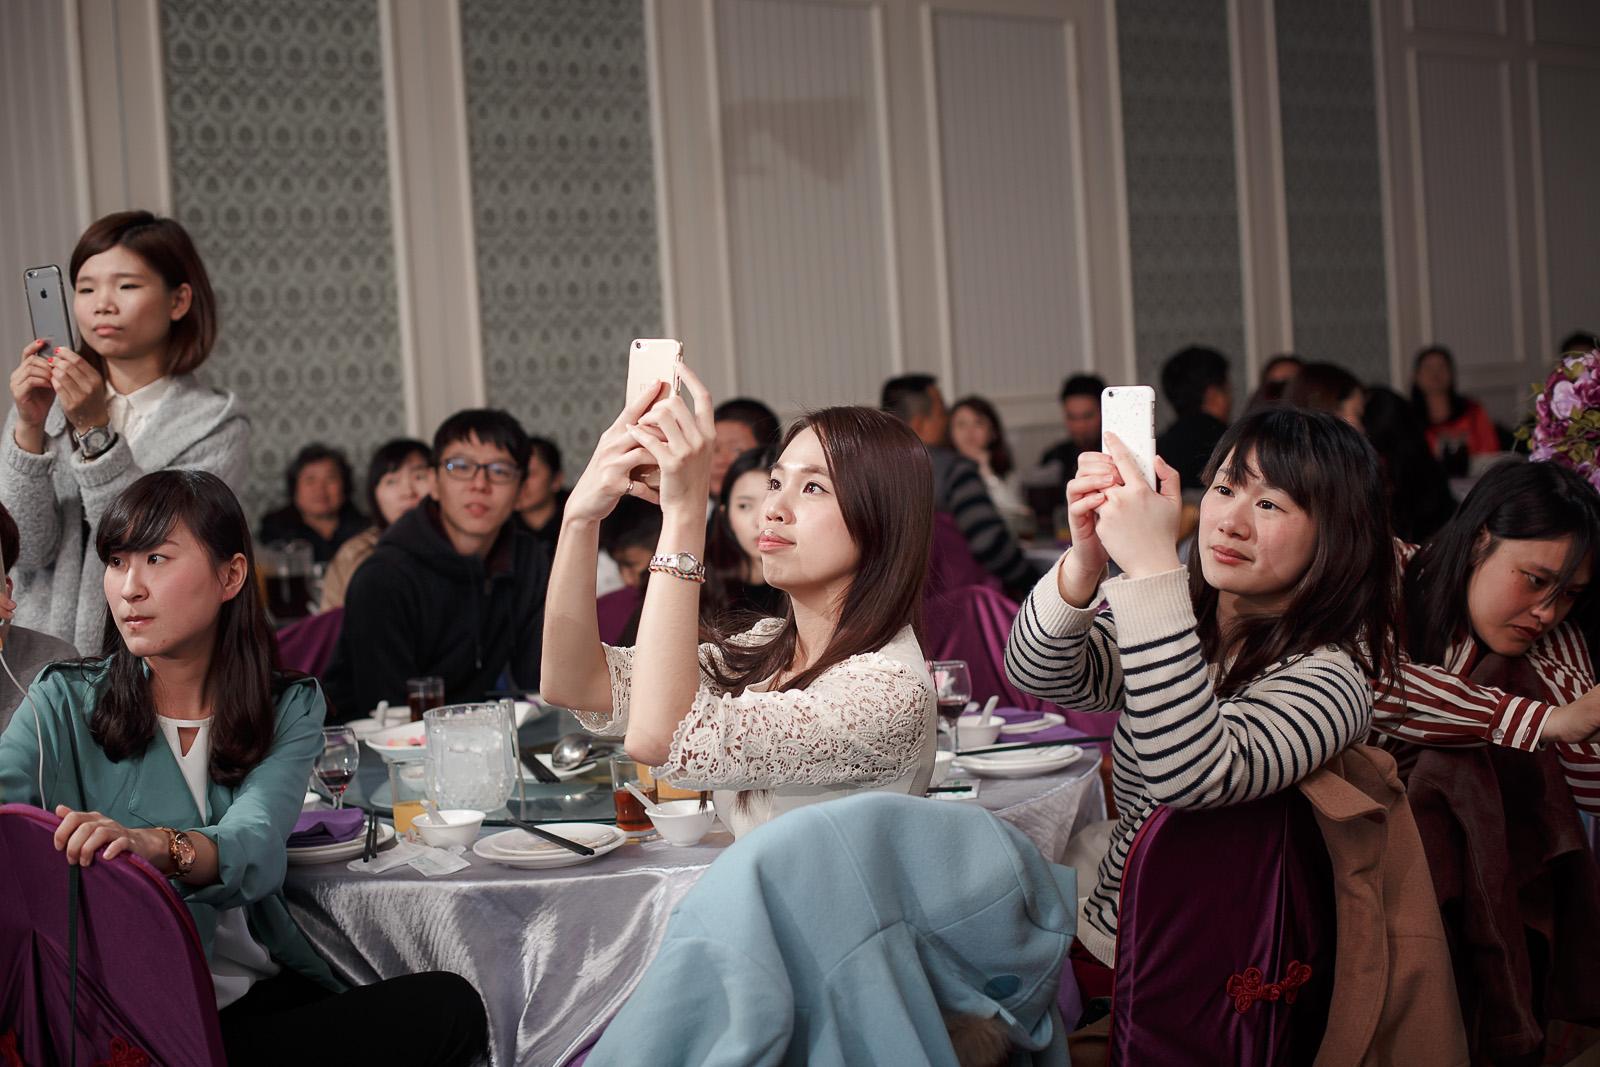 高雄圓山飯店,婚禮攝影,婚攝,高雄婚攝,優質婚攝推薦,Jen&Ethan-236